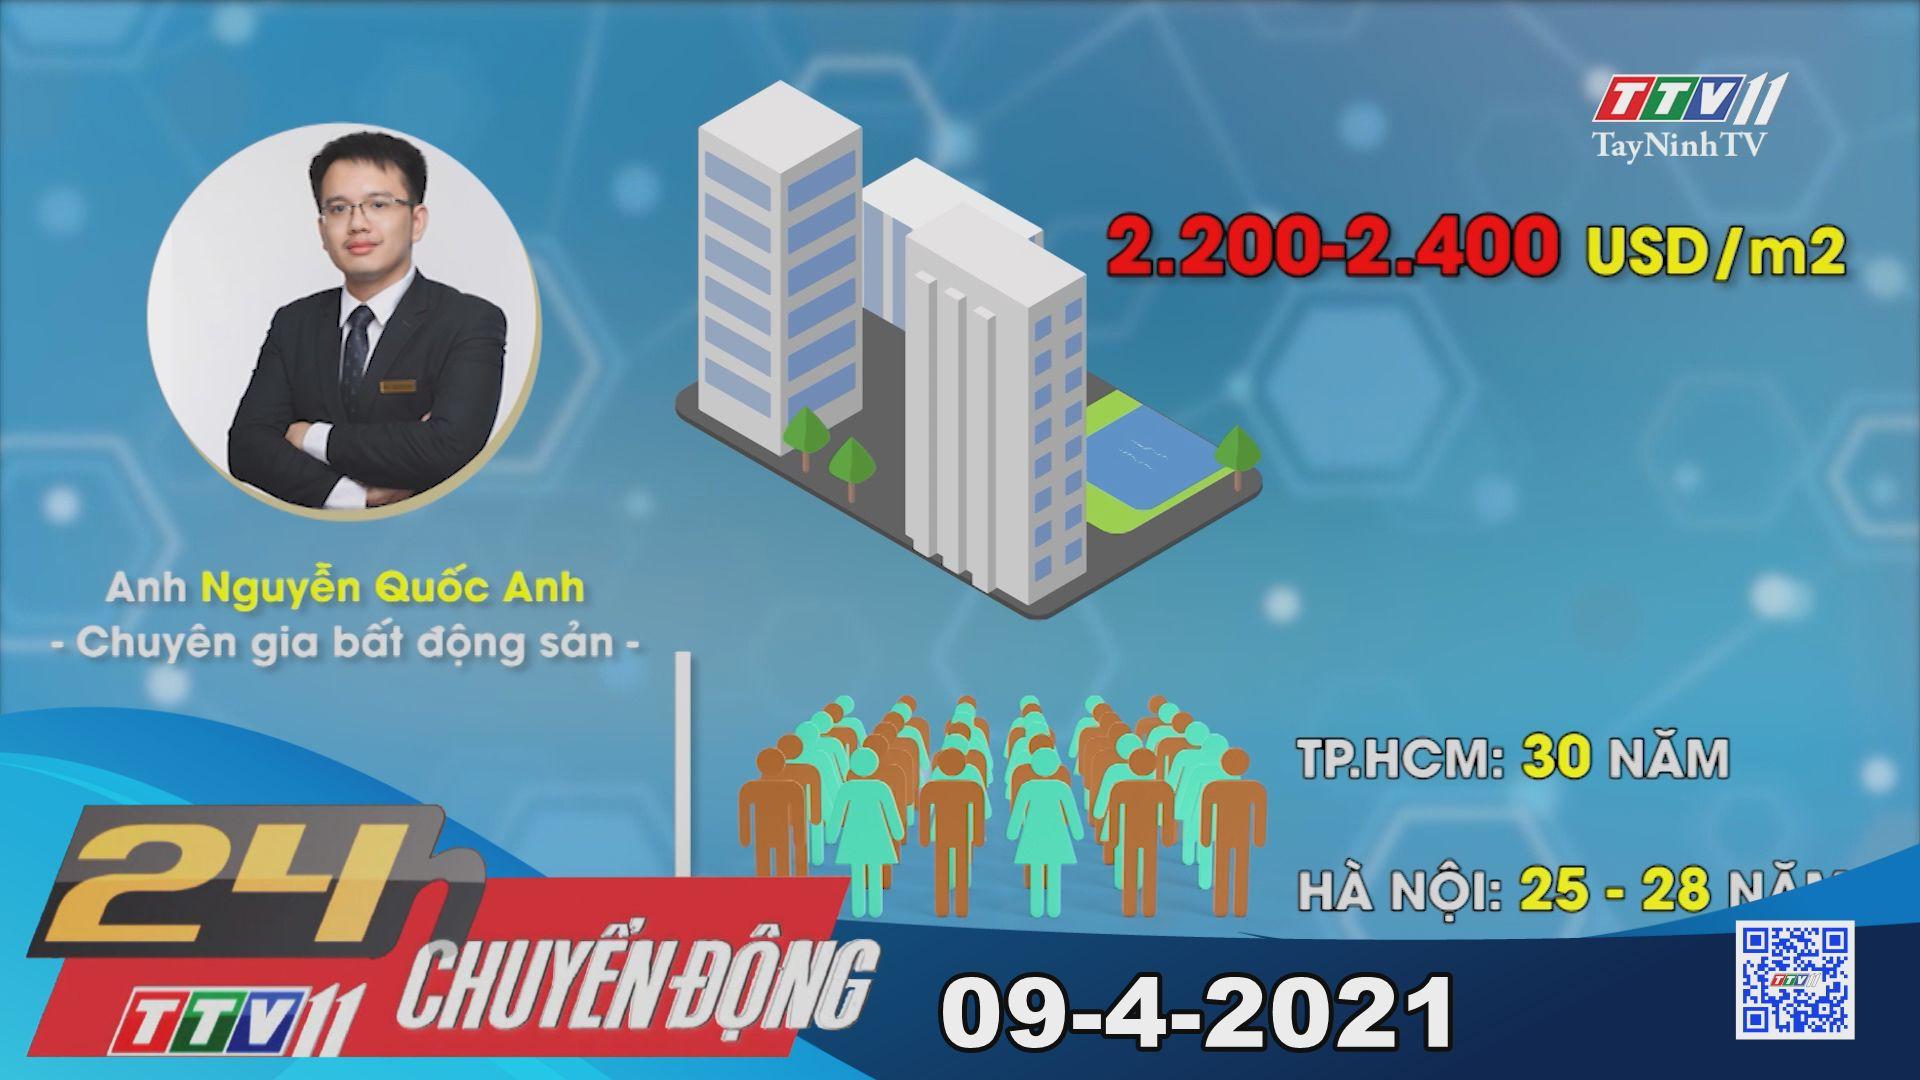 24h Chuyển động 09-4-2021 | Tin tức hôm nay | TayNinhTV